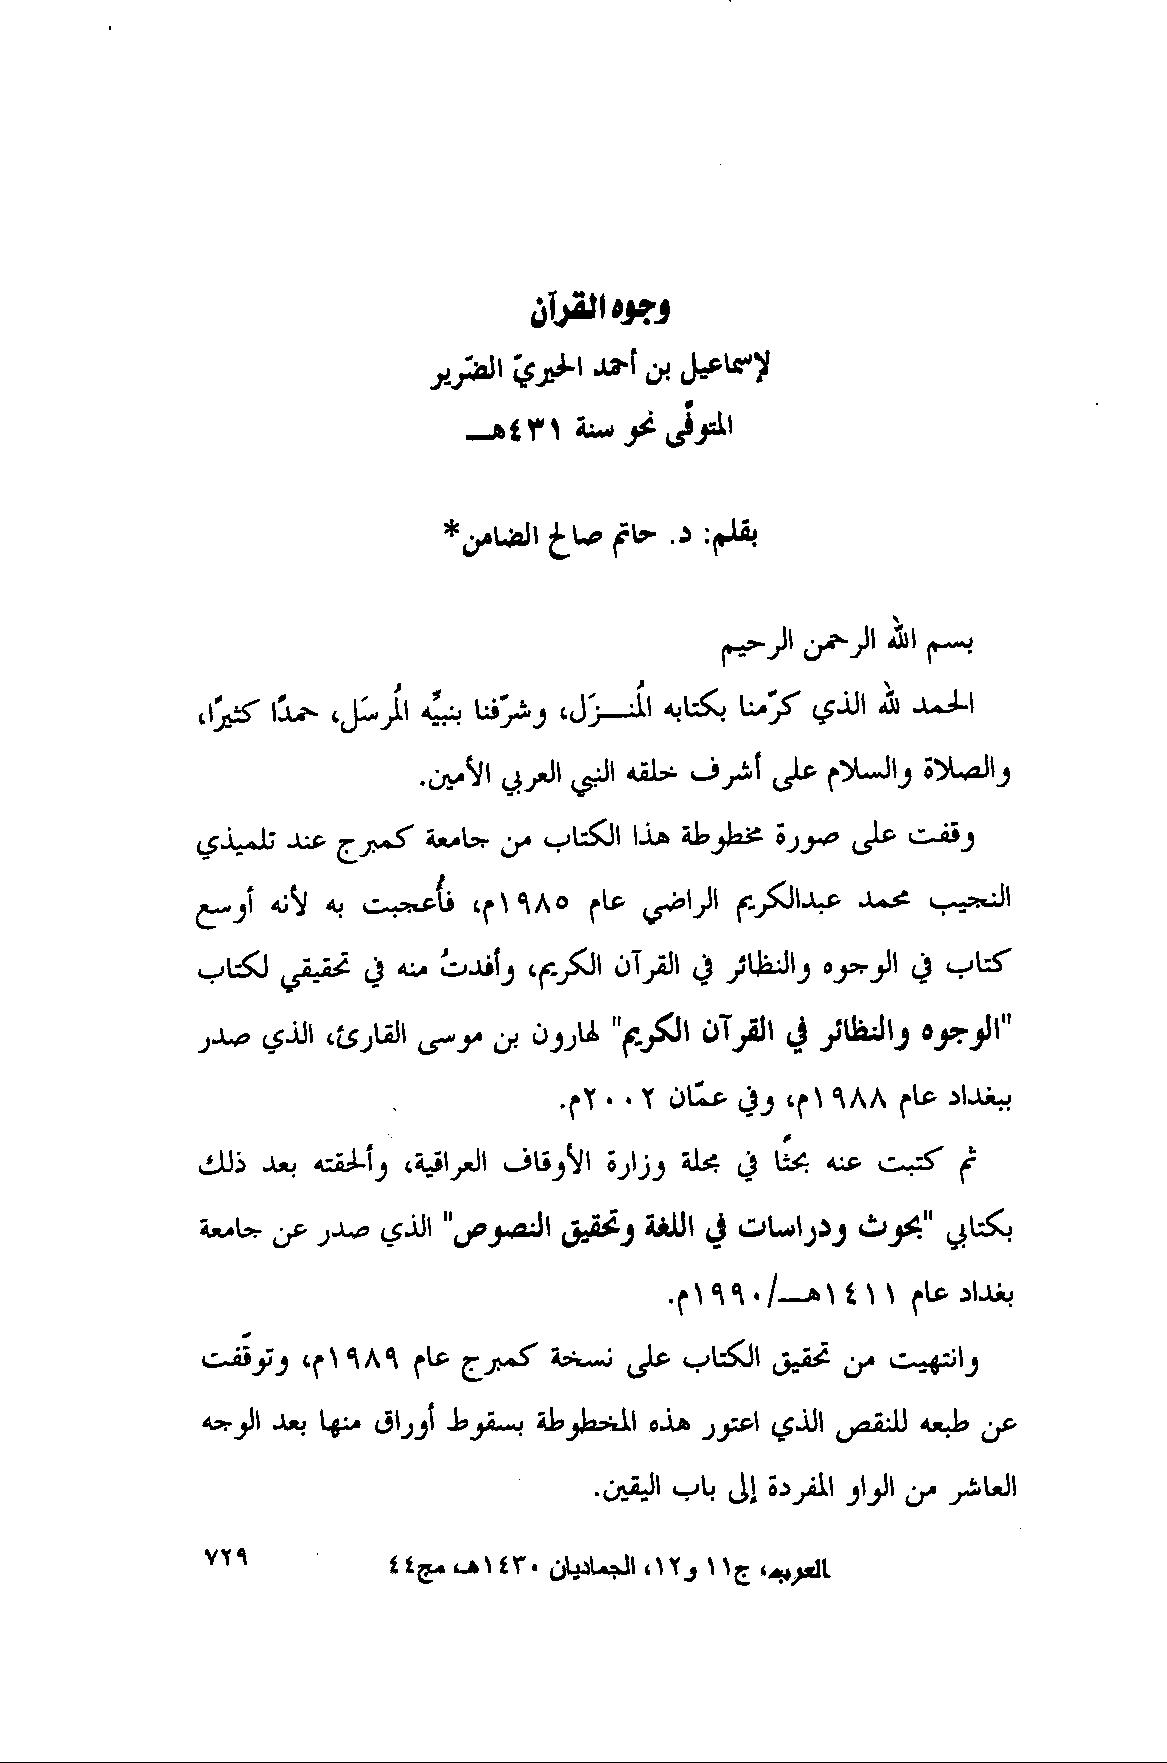 تحميل كتاب وجوه القرآن (ت الضامن) لـِ: الإمام أبو عبد الرحمن إسماعيل بن أحمد بن عبد الله الضرير الحِيري النيسابوري (ت 431)